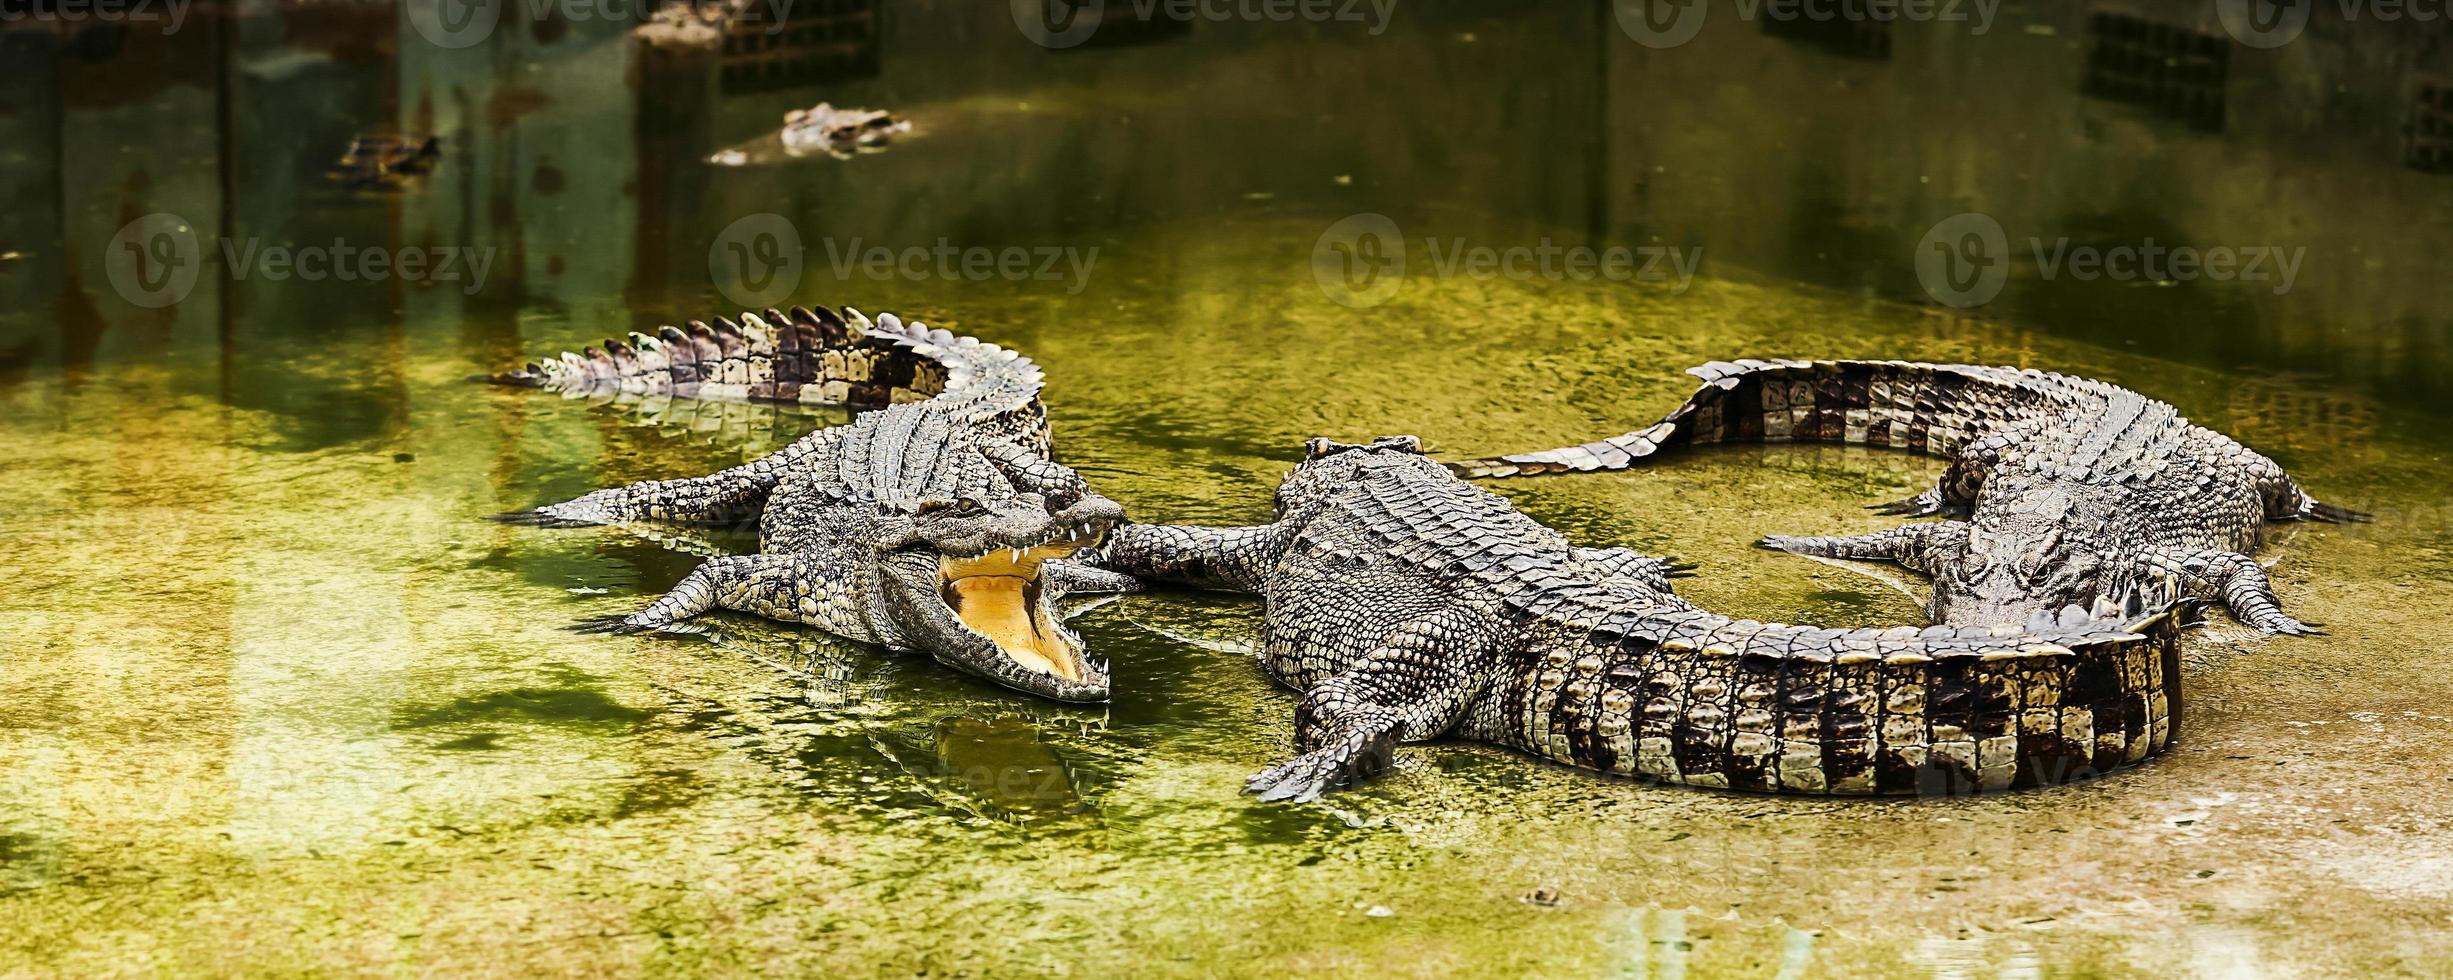 cocodrilo foto